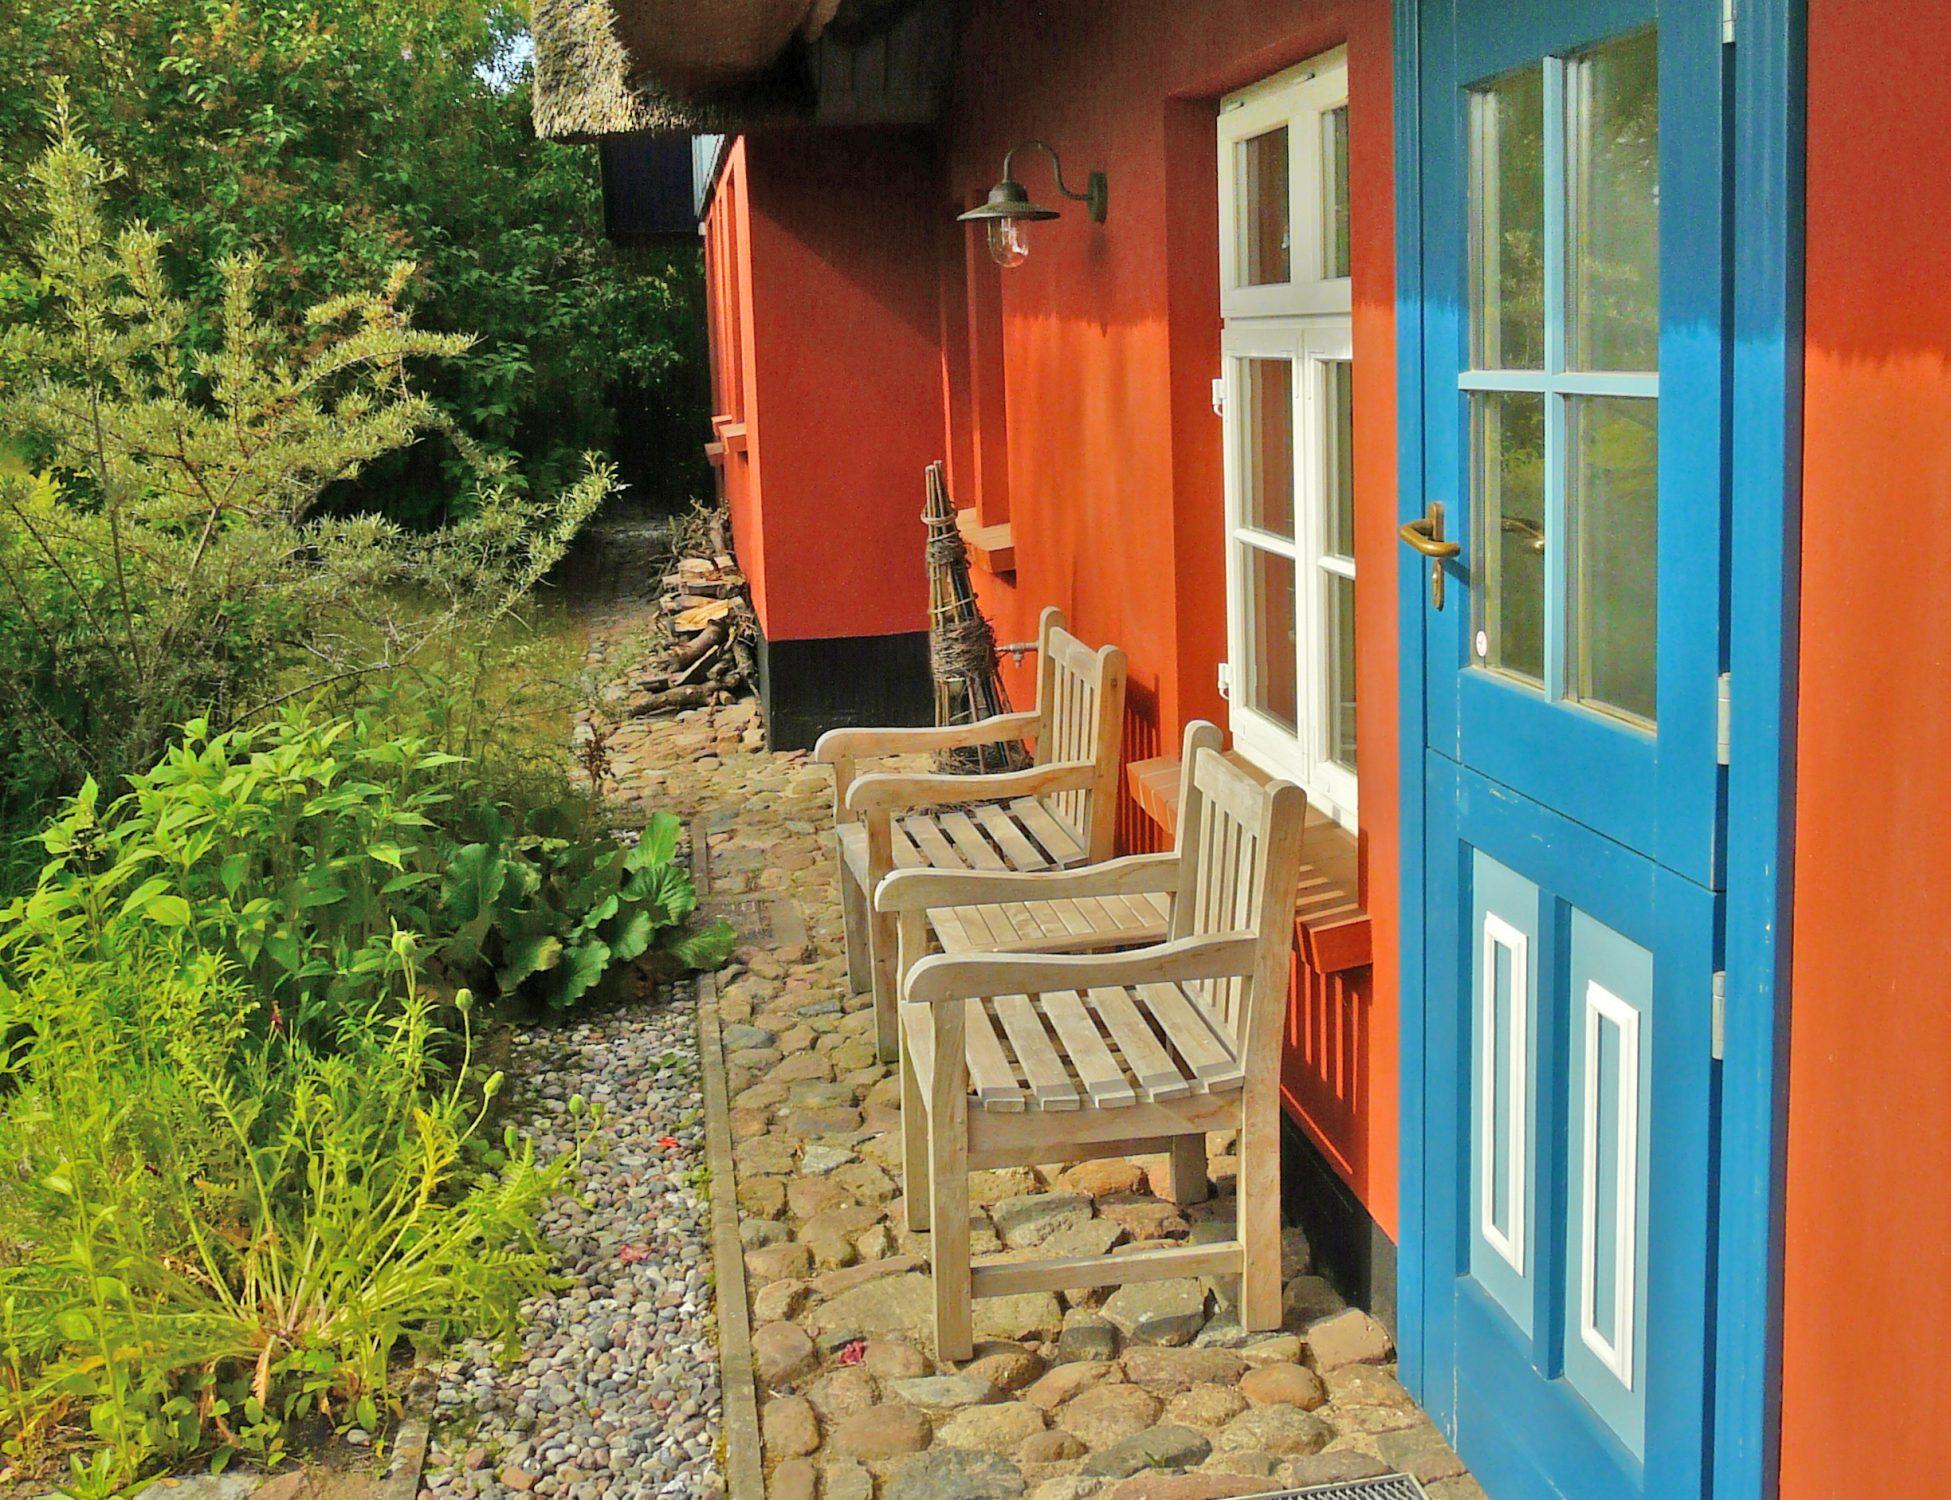 Ferienwohnung Gartenwohnung Wieck Darss